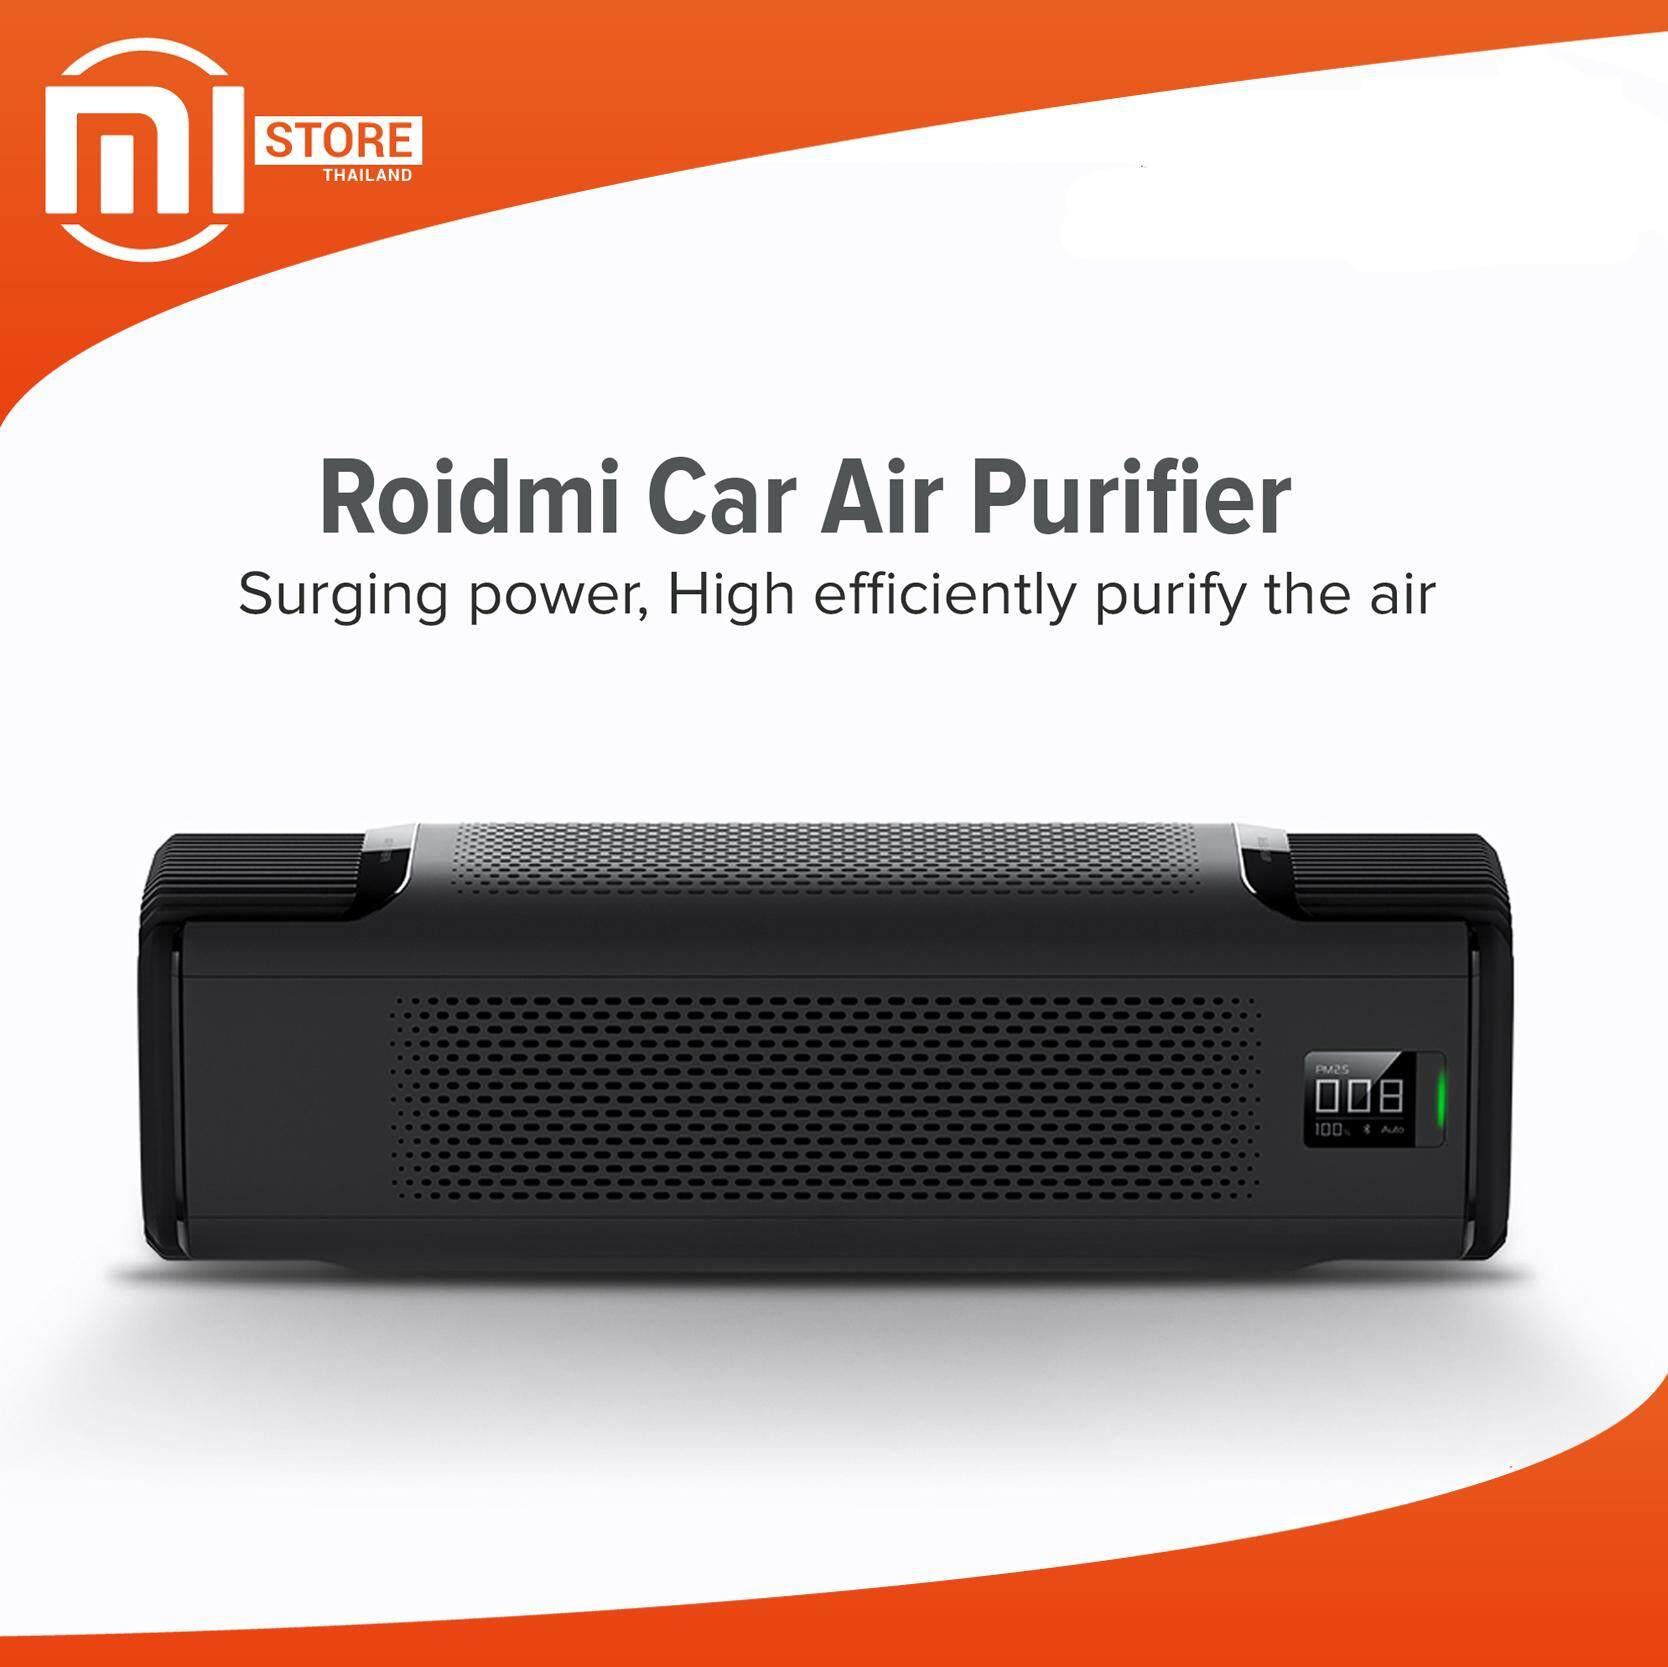 บัตรเครดิต ธนชาต  กระบี่ Mi Store - Xiaomi ROIDMI 12V Car Air Purifier bluetooth V4.1 OLED Screen ของแท้ 100% รับประกันจากร้านค้า 1ปี